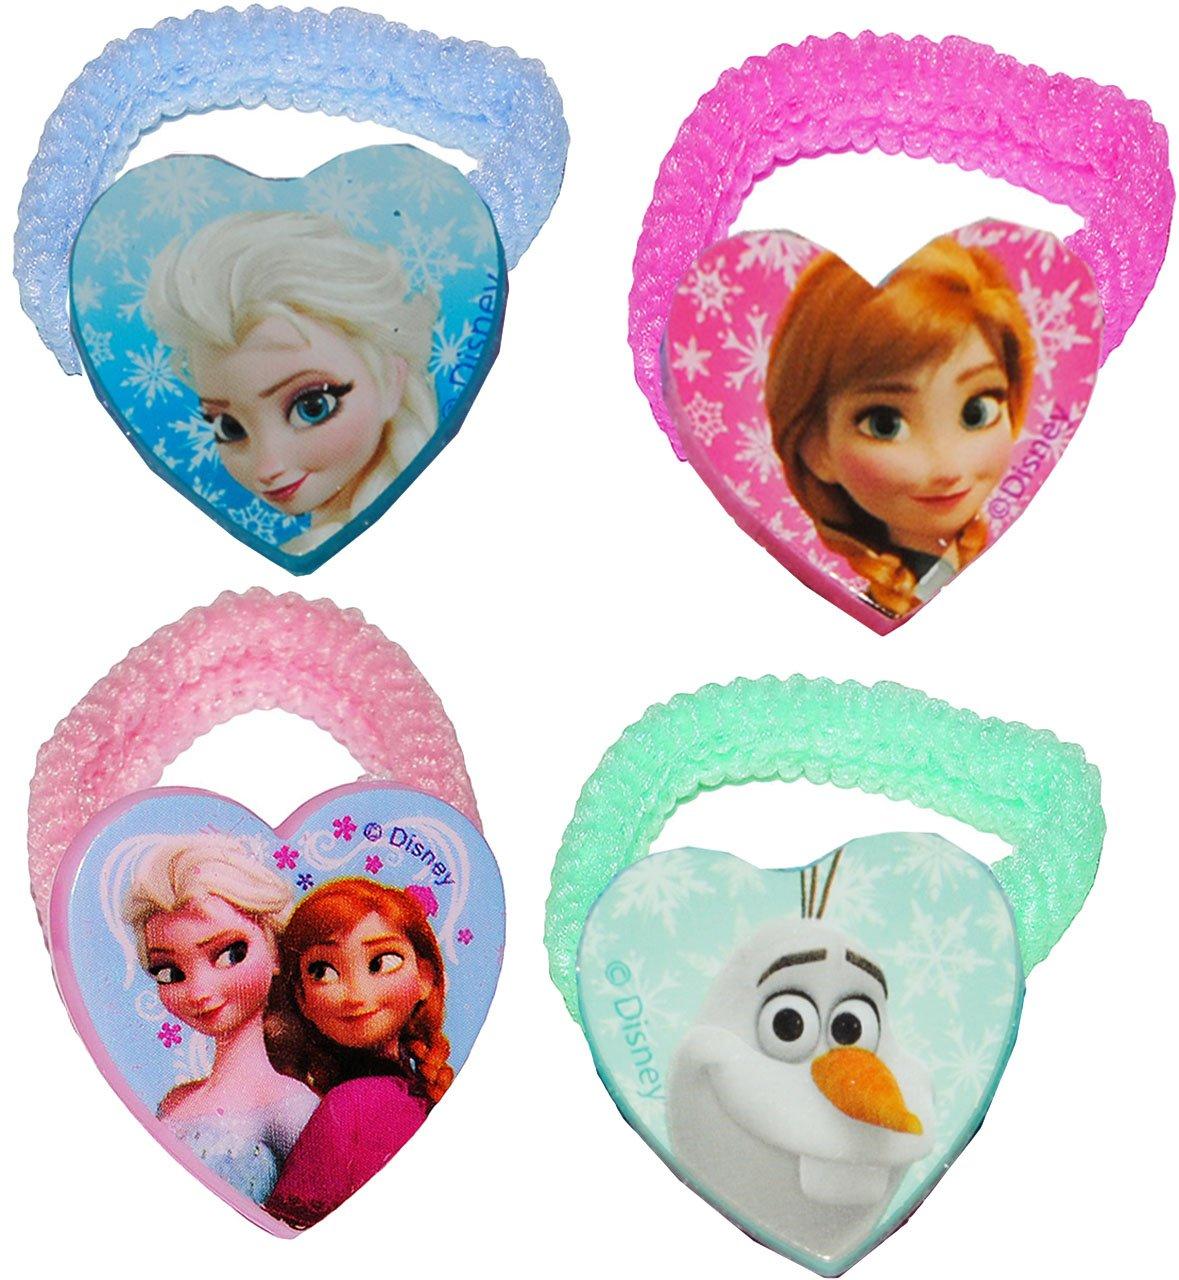 Z/öpfchenhalter Disney die Eisk/önigin Set Haargummis Kinderhaarschmuck Haarschmuck f/ür Kinder M/ädchen Schmuck Zopfgummi Frozen M.. alles-meine.de GmbH 3 * 4 TLG